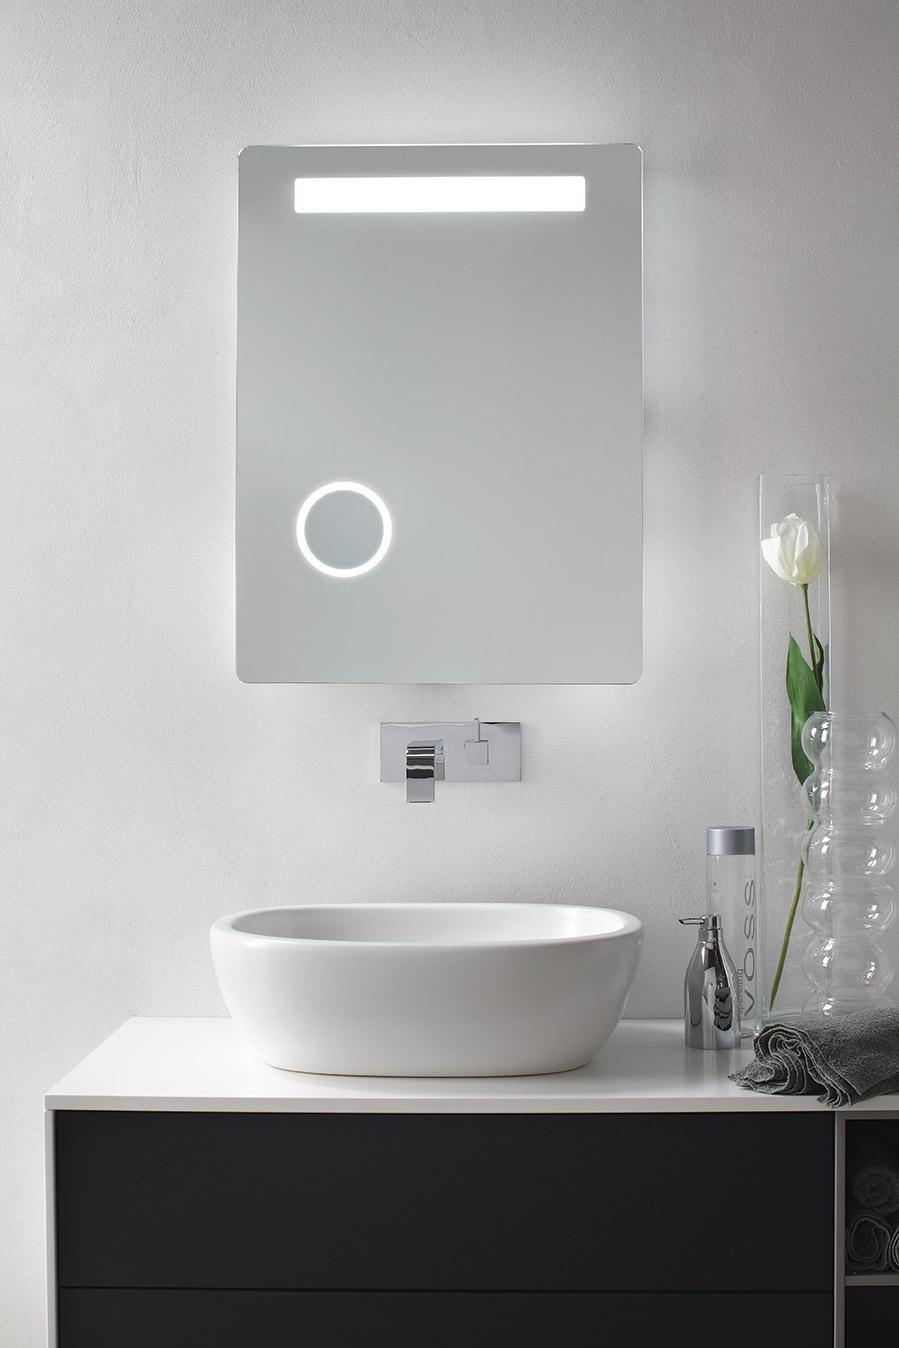 specchiera-retroilluminata-led-vanita-casa-modello-lybra-sintesibagnoblog-01